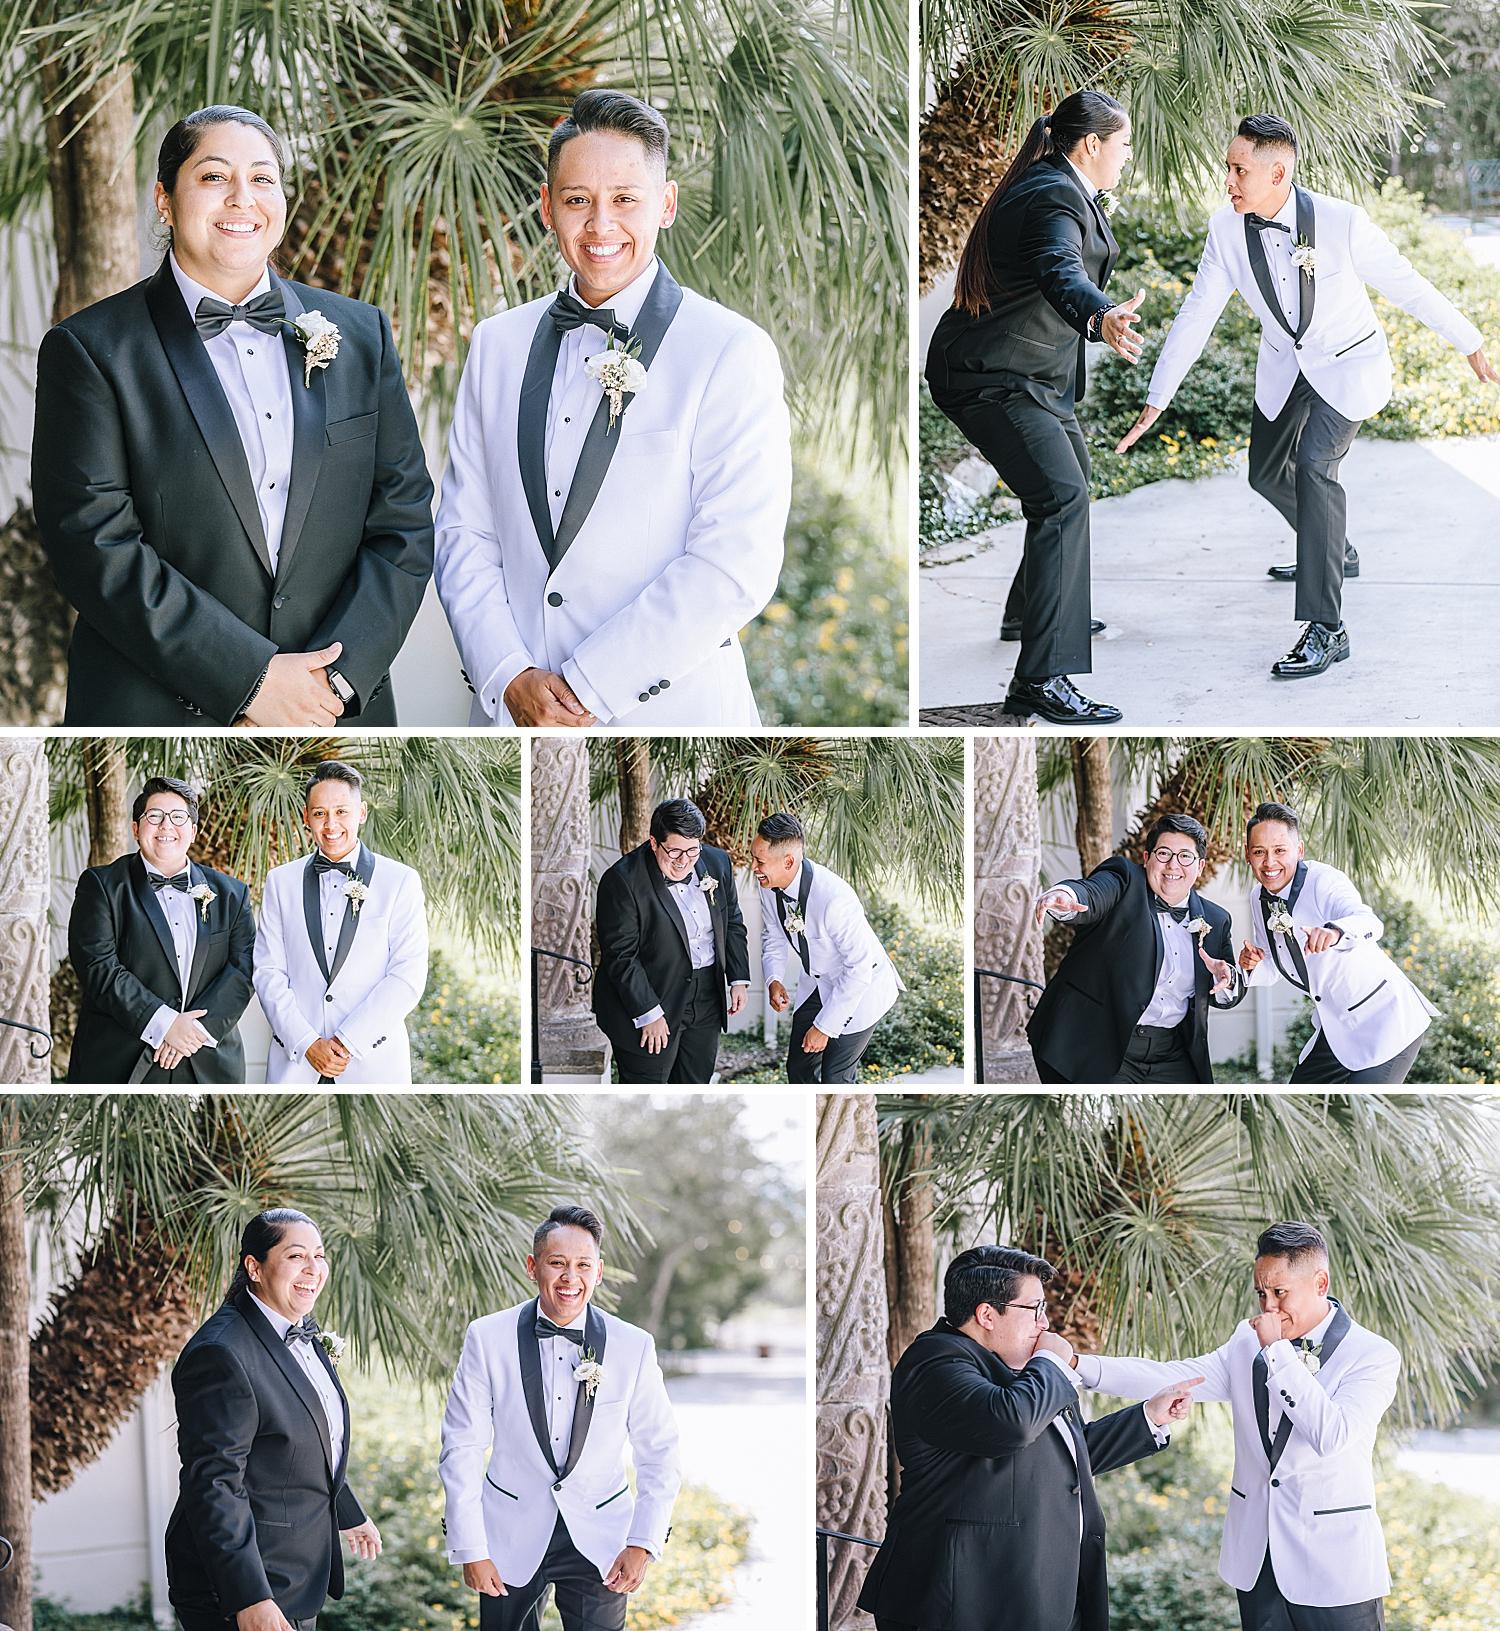 Carly-Barton-Photography-The-Villa-at-Cielo-Vista-Blush-Gold-White-Wedding-Photos_0116.jpg